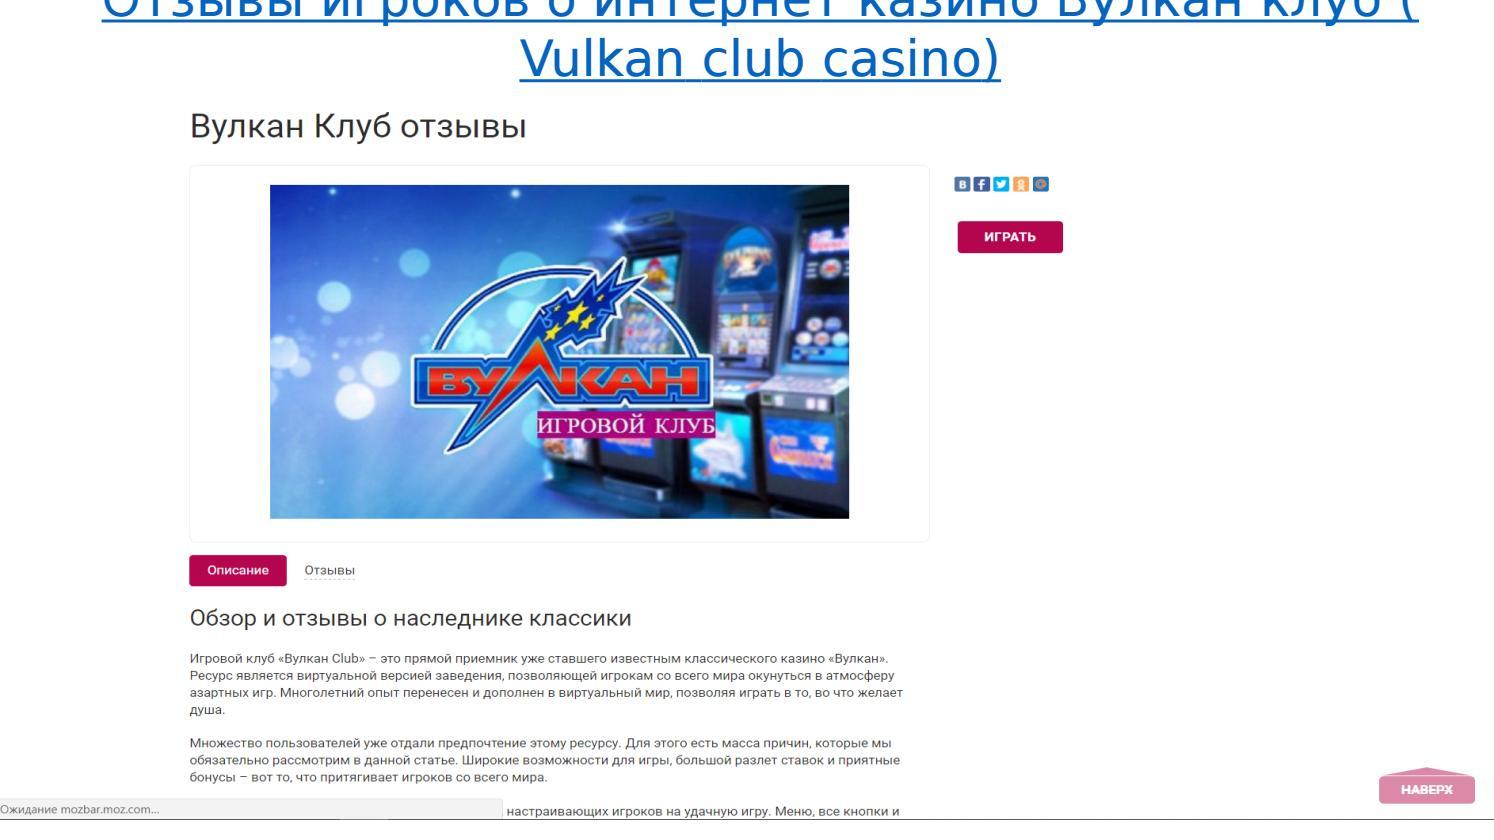 Отзывы о клубе казино вулкан багоюз в казино как